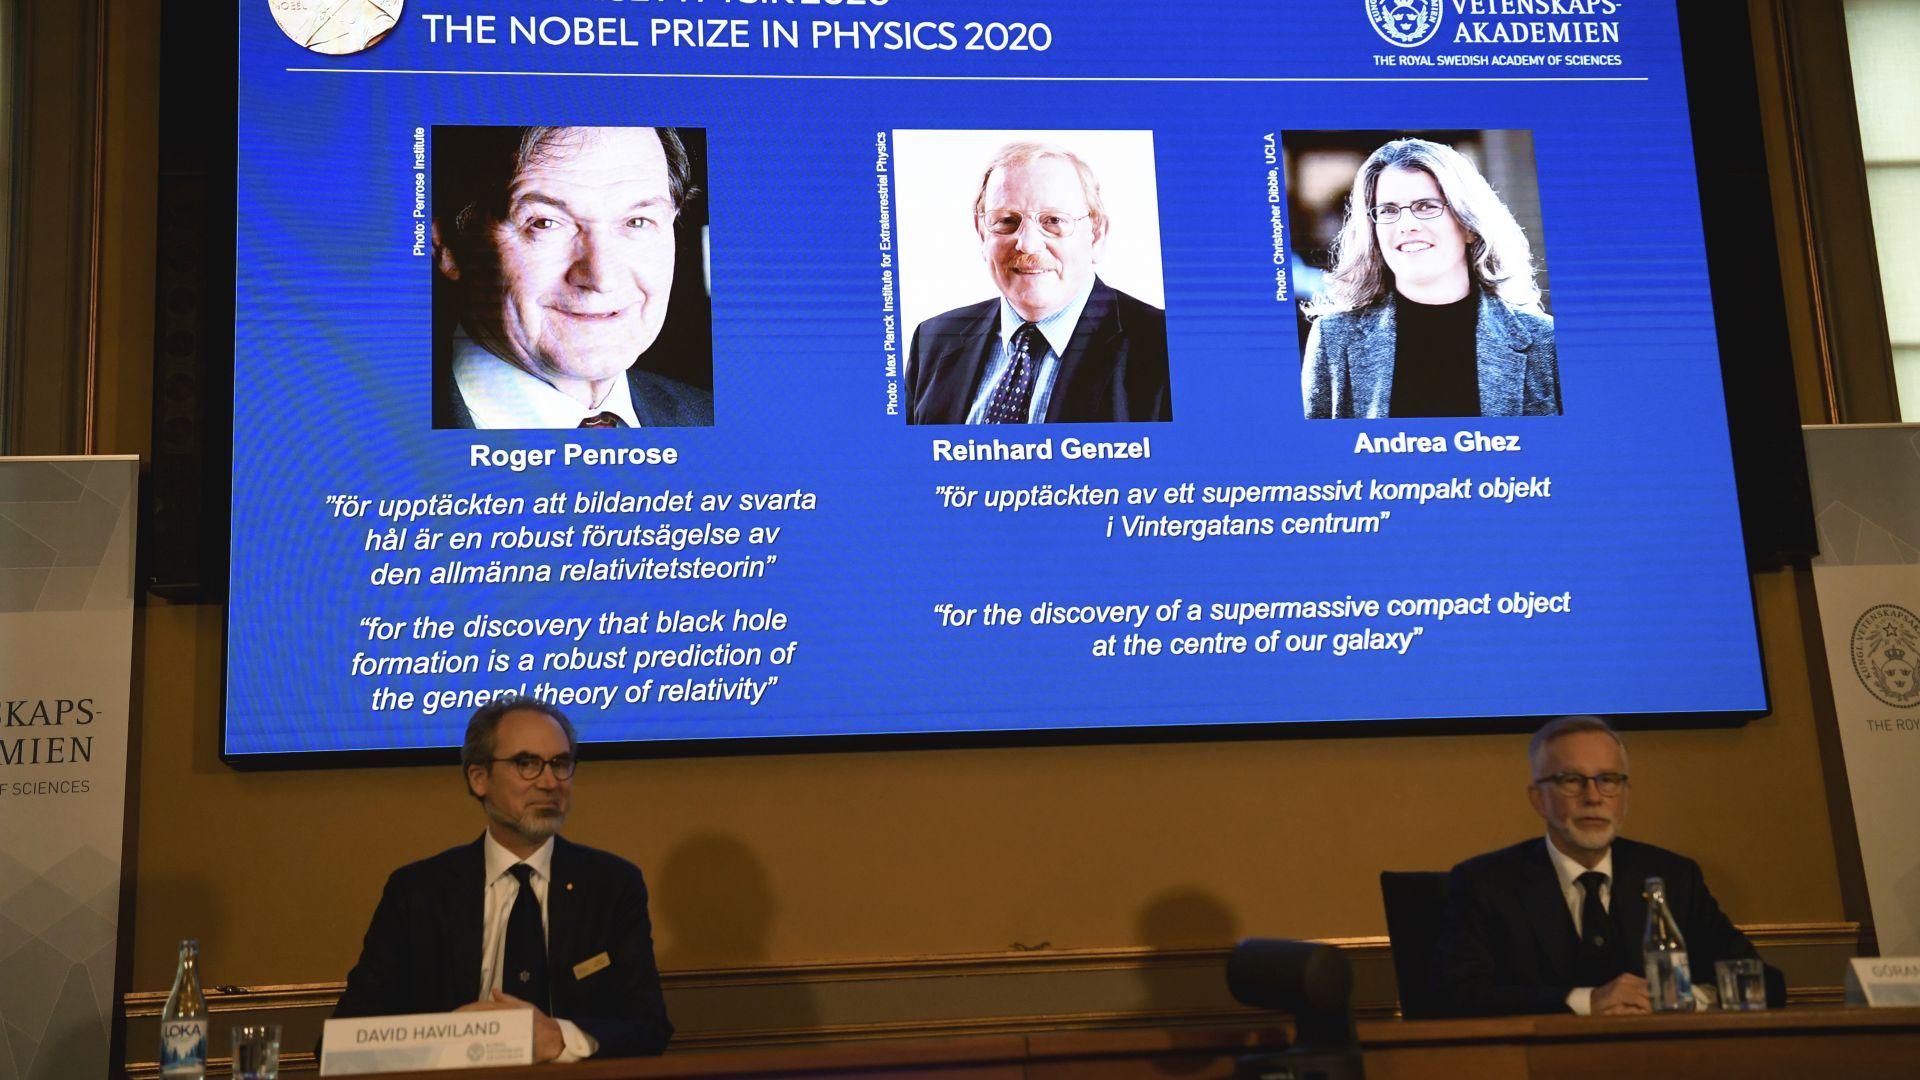 Британецът Роджър Пенроуз, германецът Райнхард Генцел и американката Андреа Гец спечелиха Нобелова награда за физика